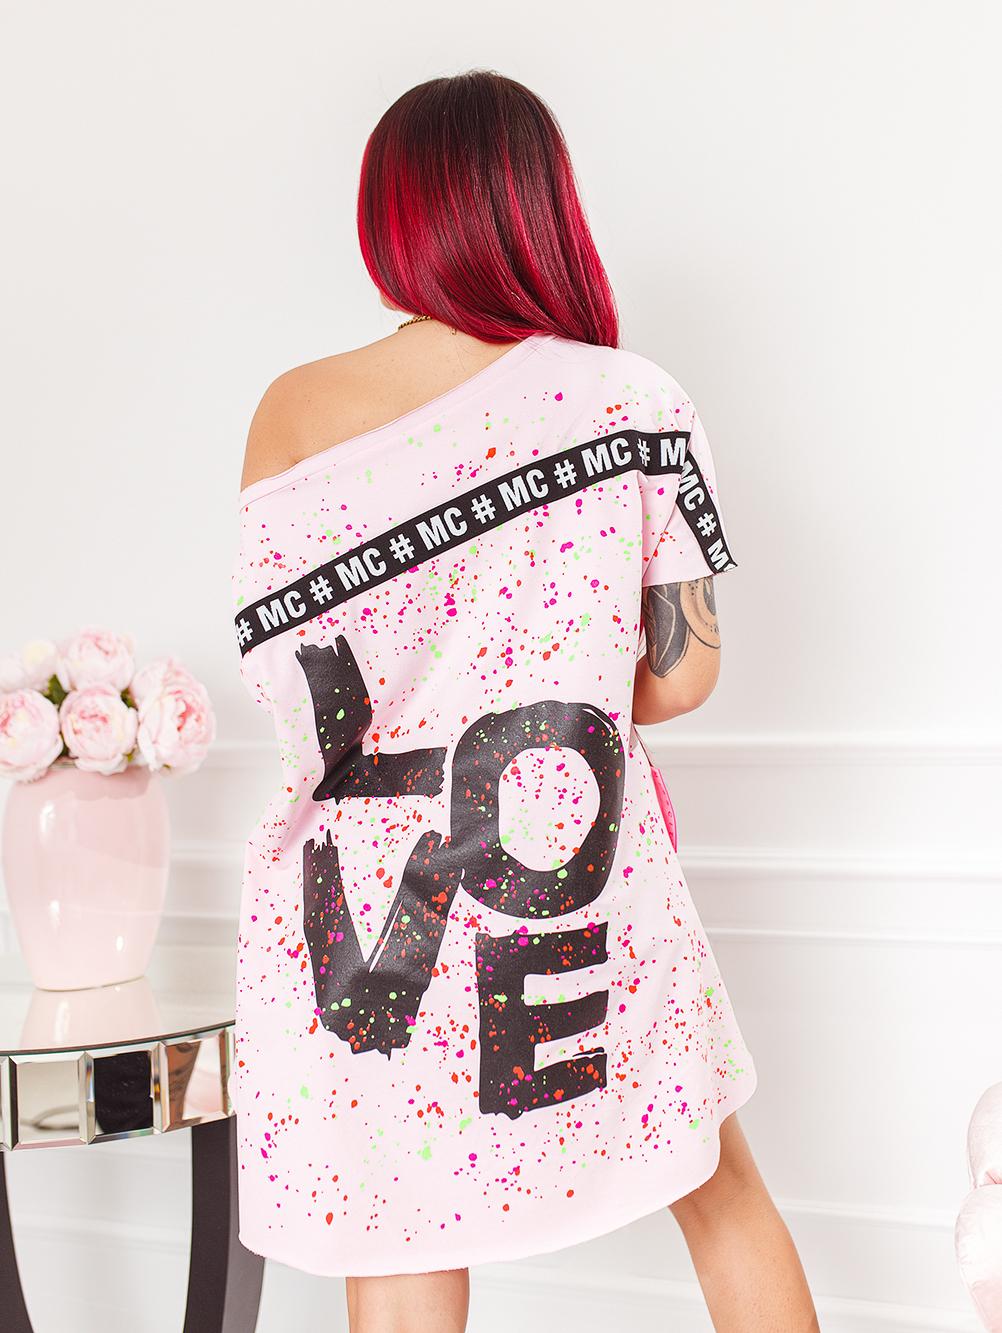 pudrowa-rozowa-bluzka-damska-z-dekoltem-w-lodke-w-kolorwe-plamki-z-napisem-love (4)